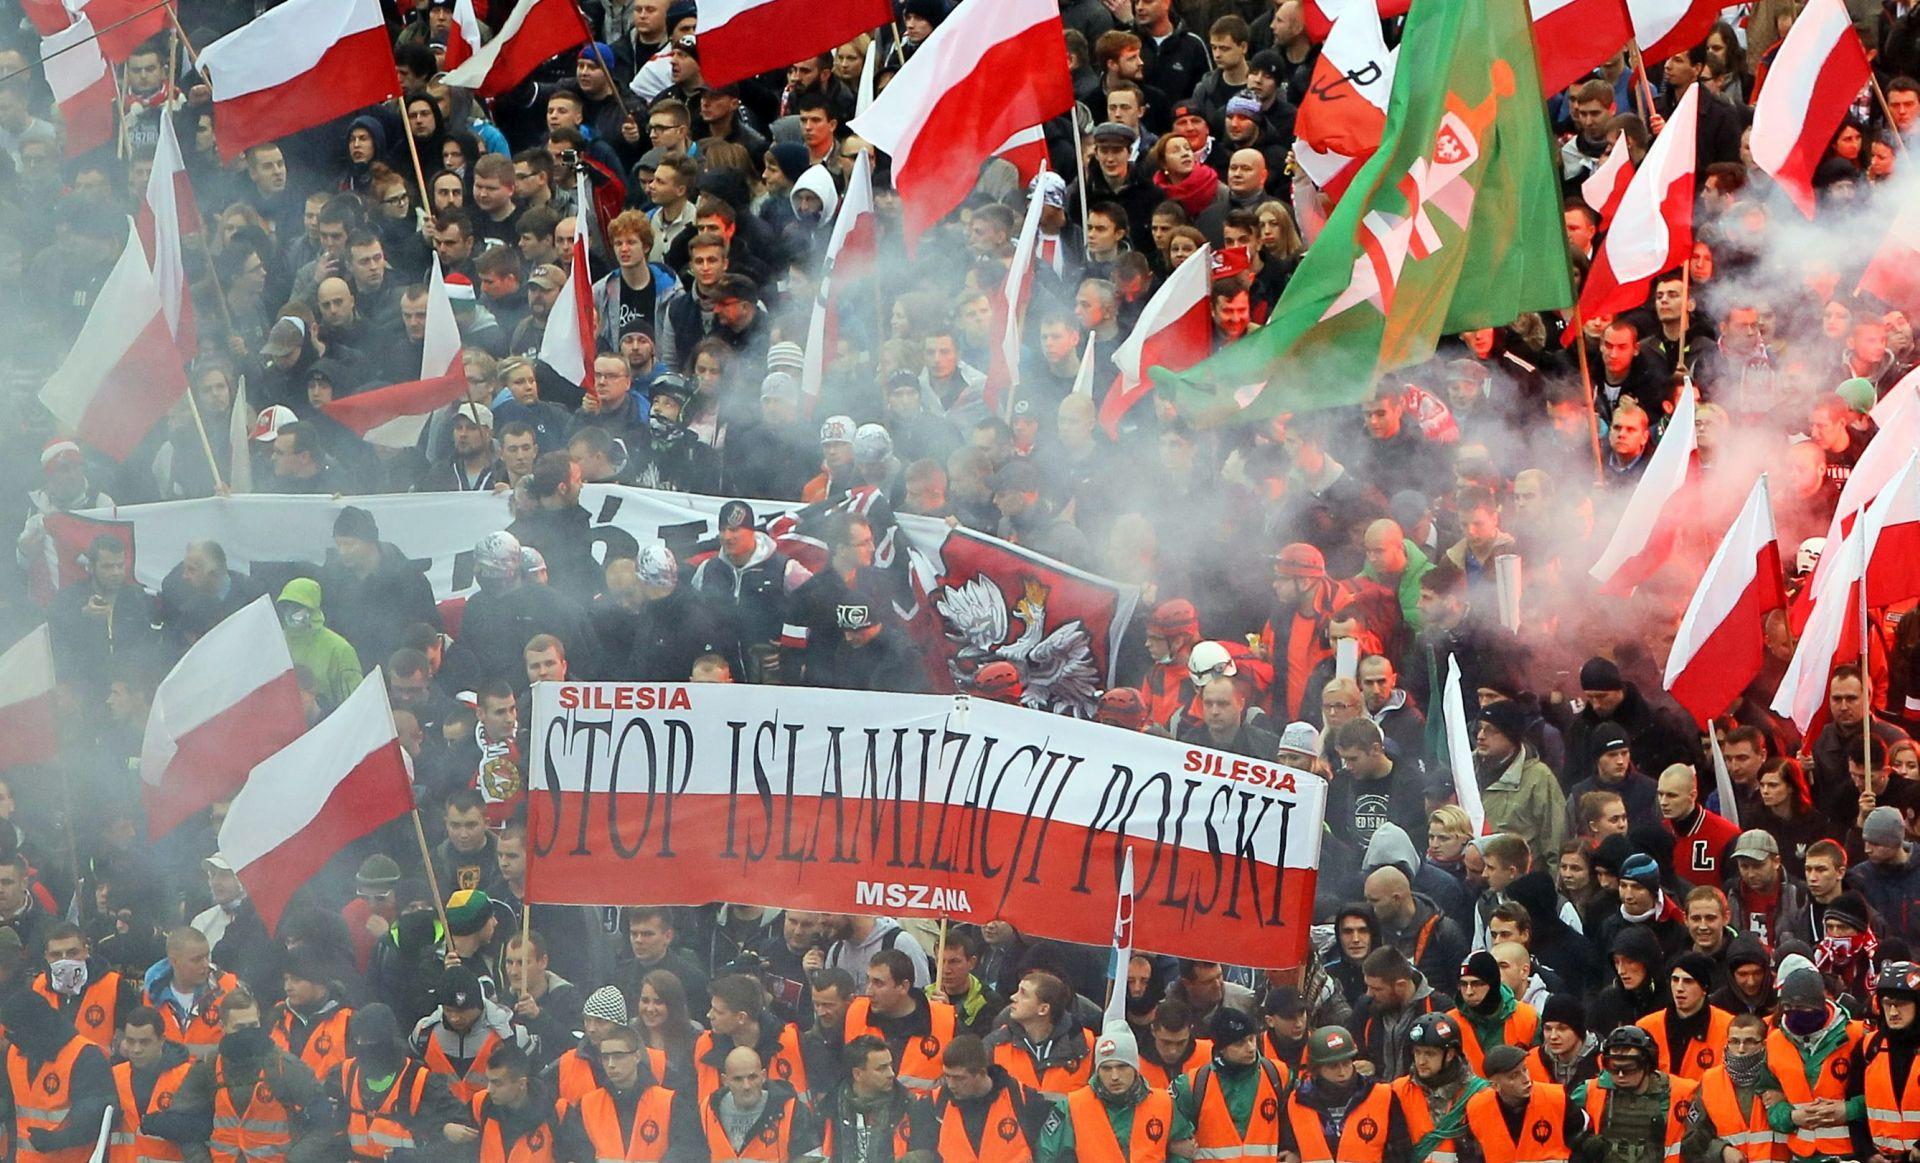 VIDEO: Veliki prosvjedi u Varšavi na poziv krajnje desnice